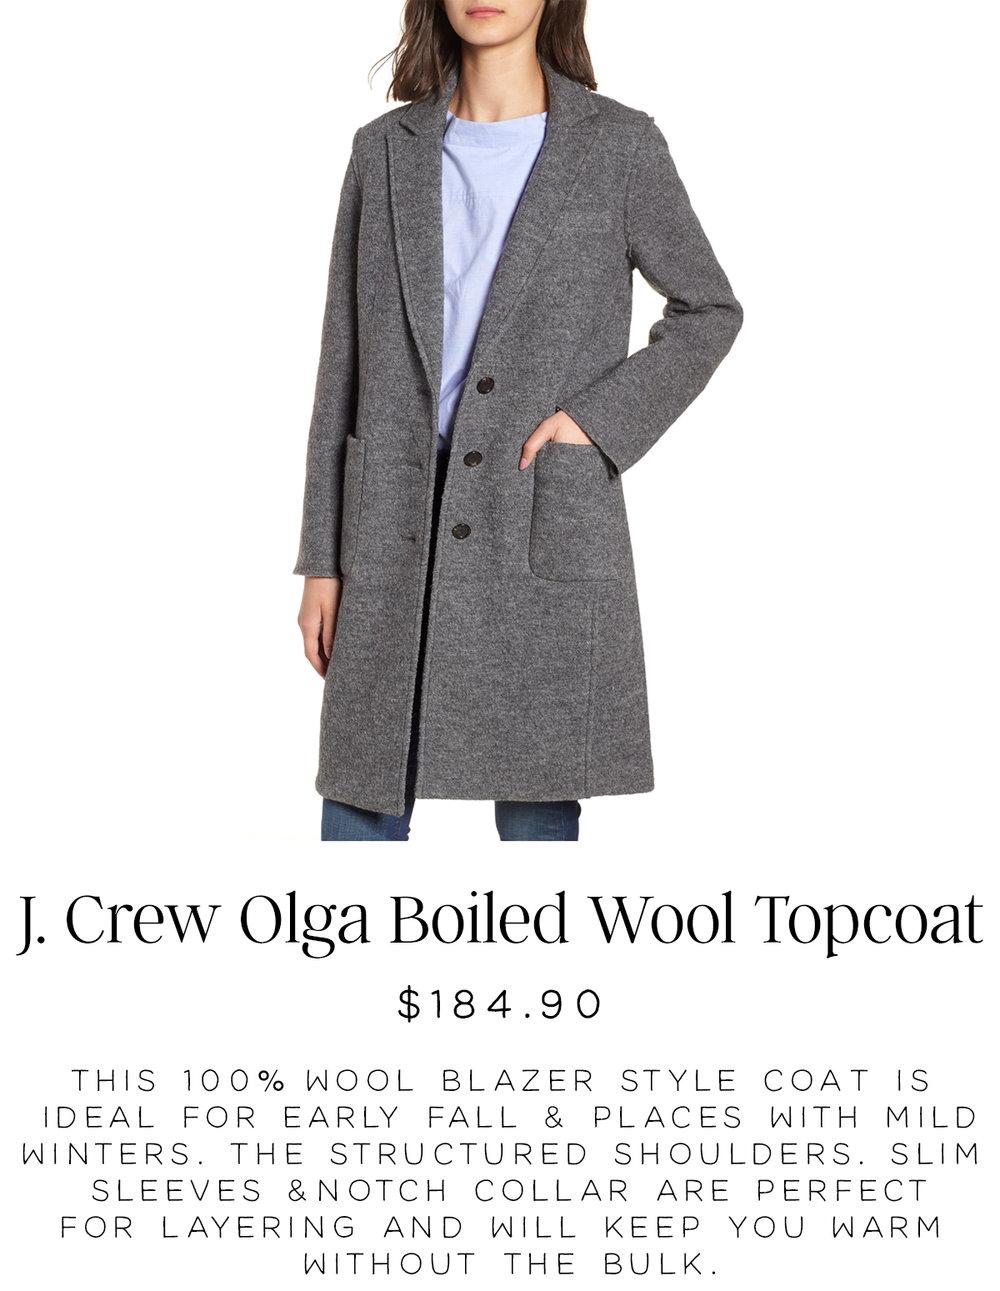 nordstrom-anniversary-sale-jcrew-olga-coat.jpg